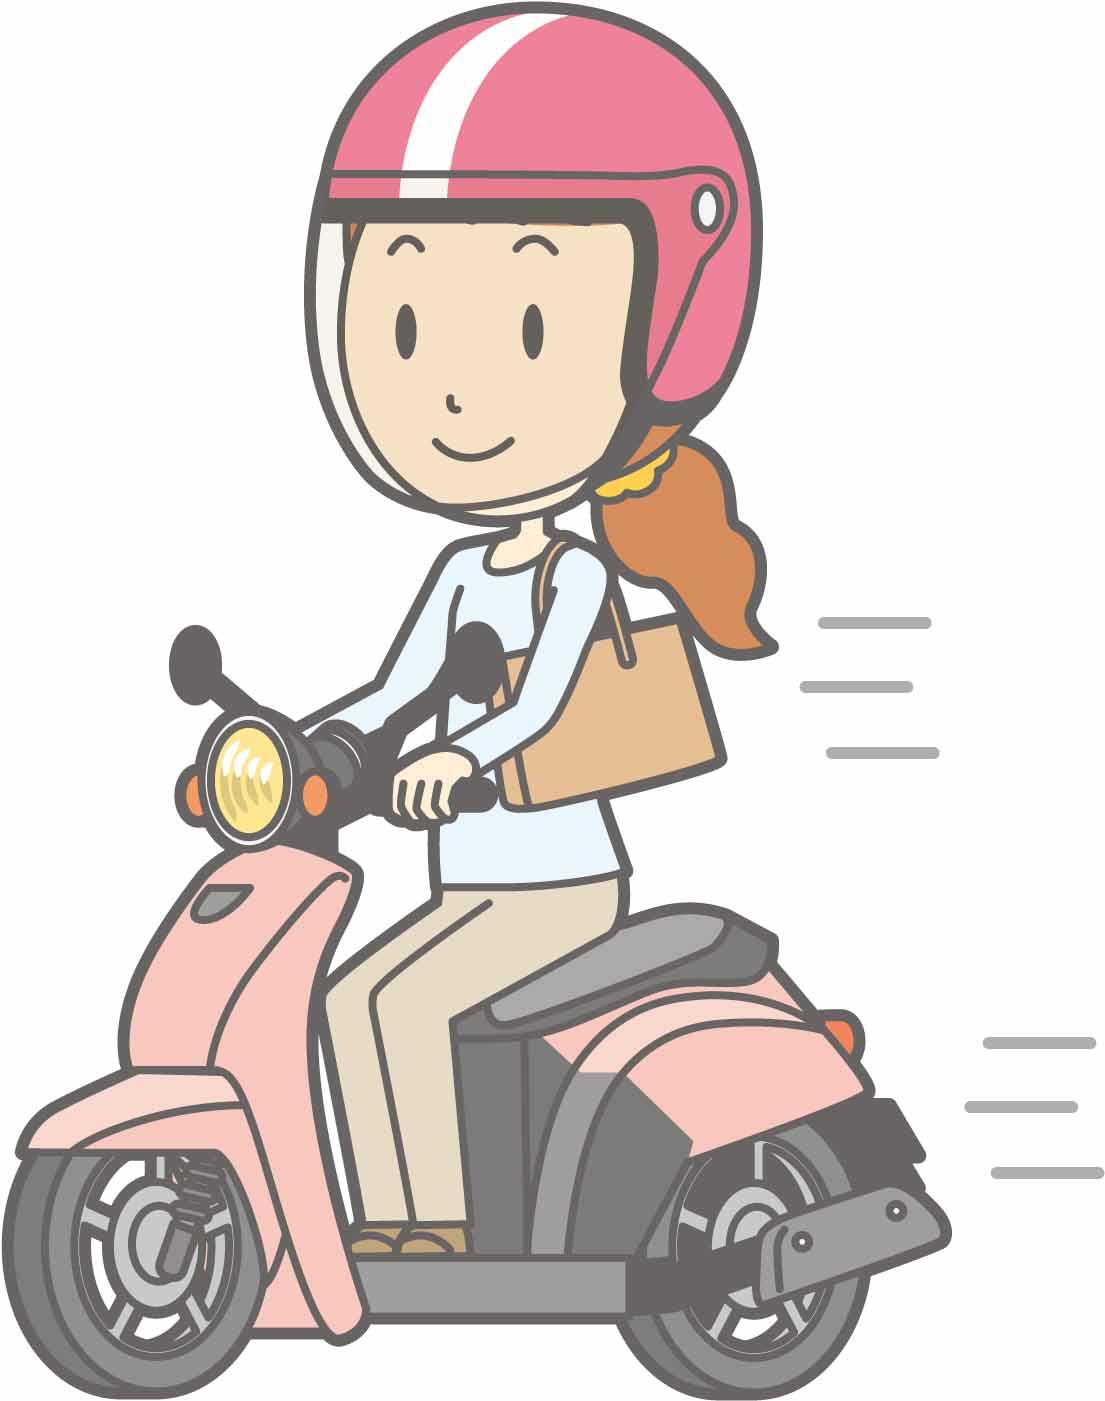 原付スクーターに乗る女性のイラスト